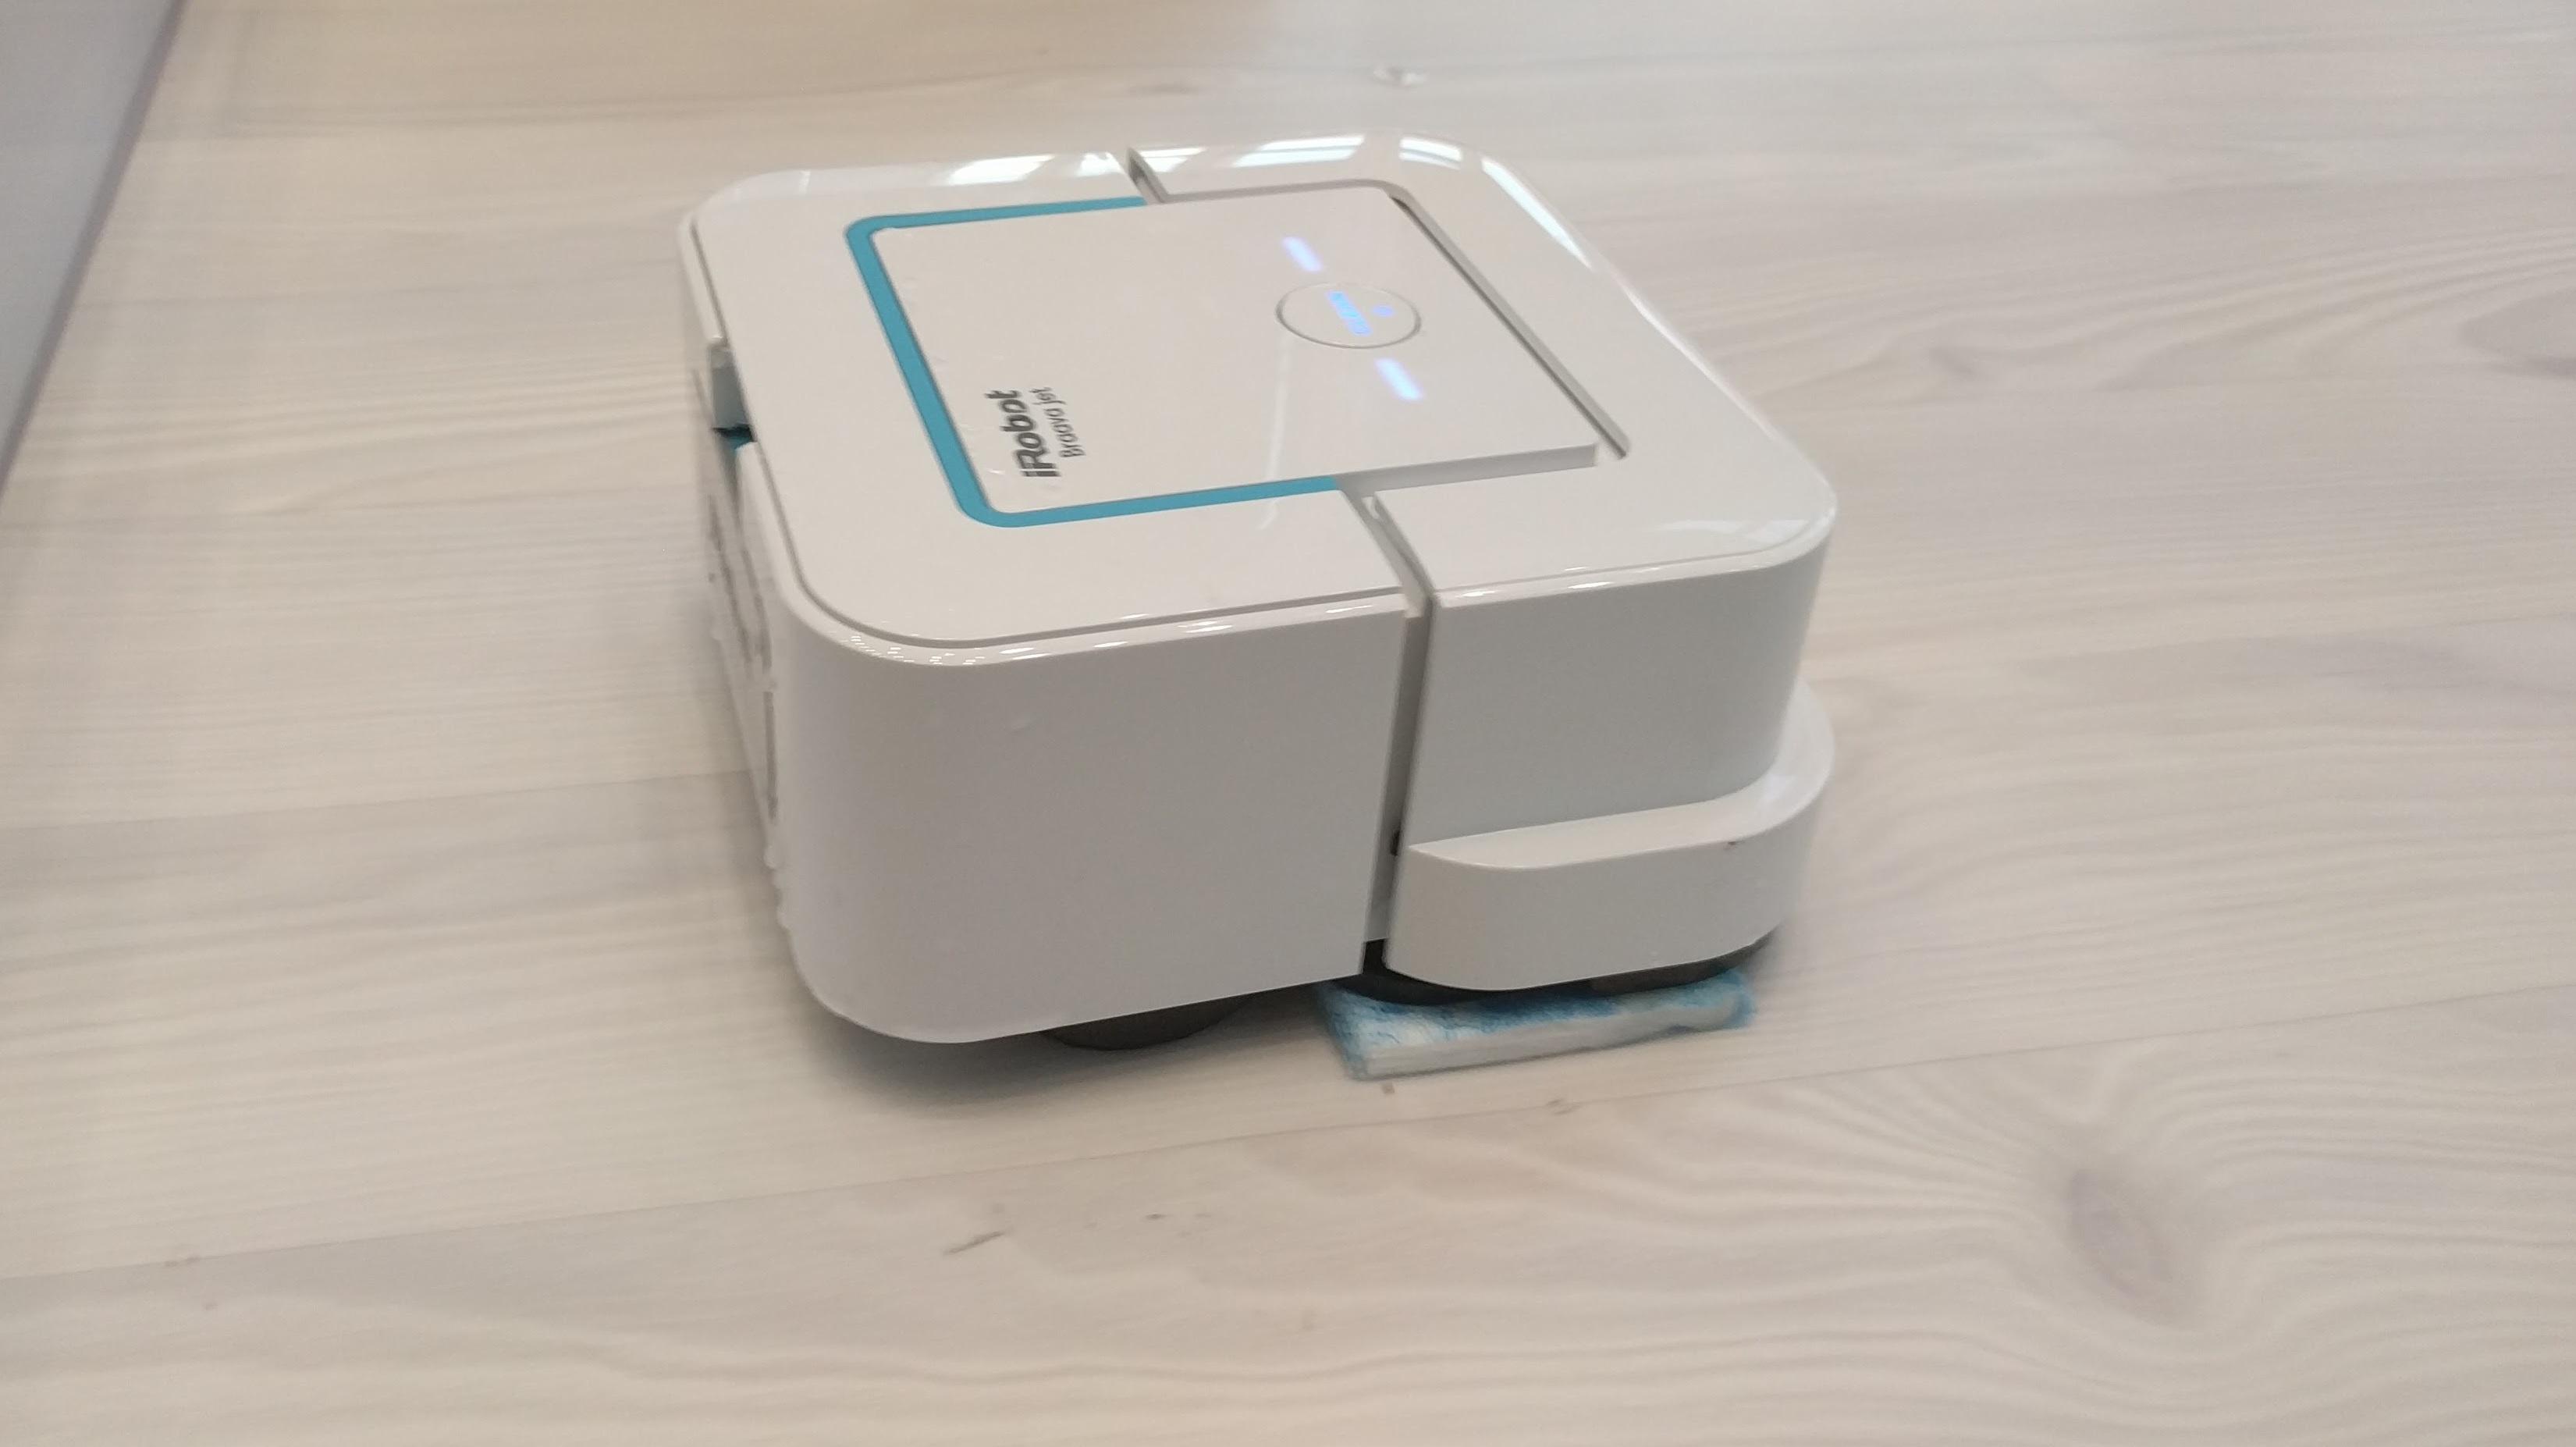 wischroboter braava von irobot kommt nach deutschland heise online. Black Bedroom Furniture Sets. Home Design Ideas